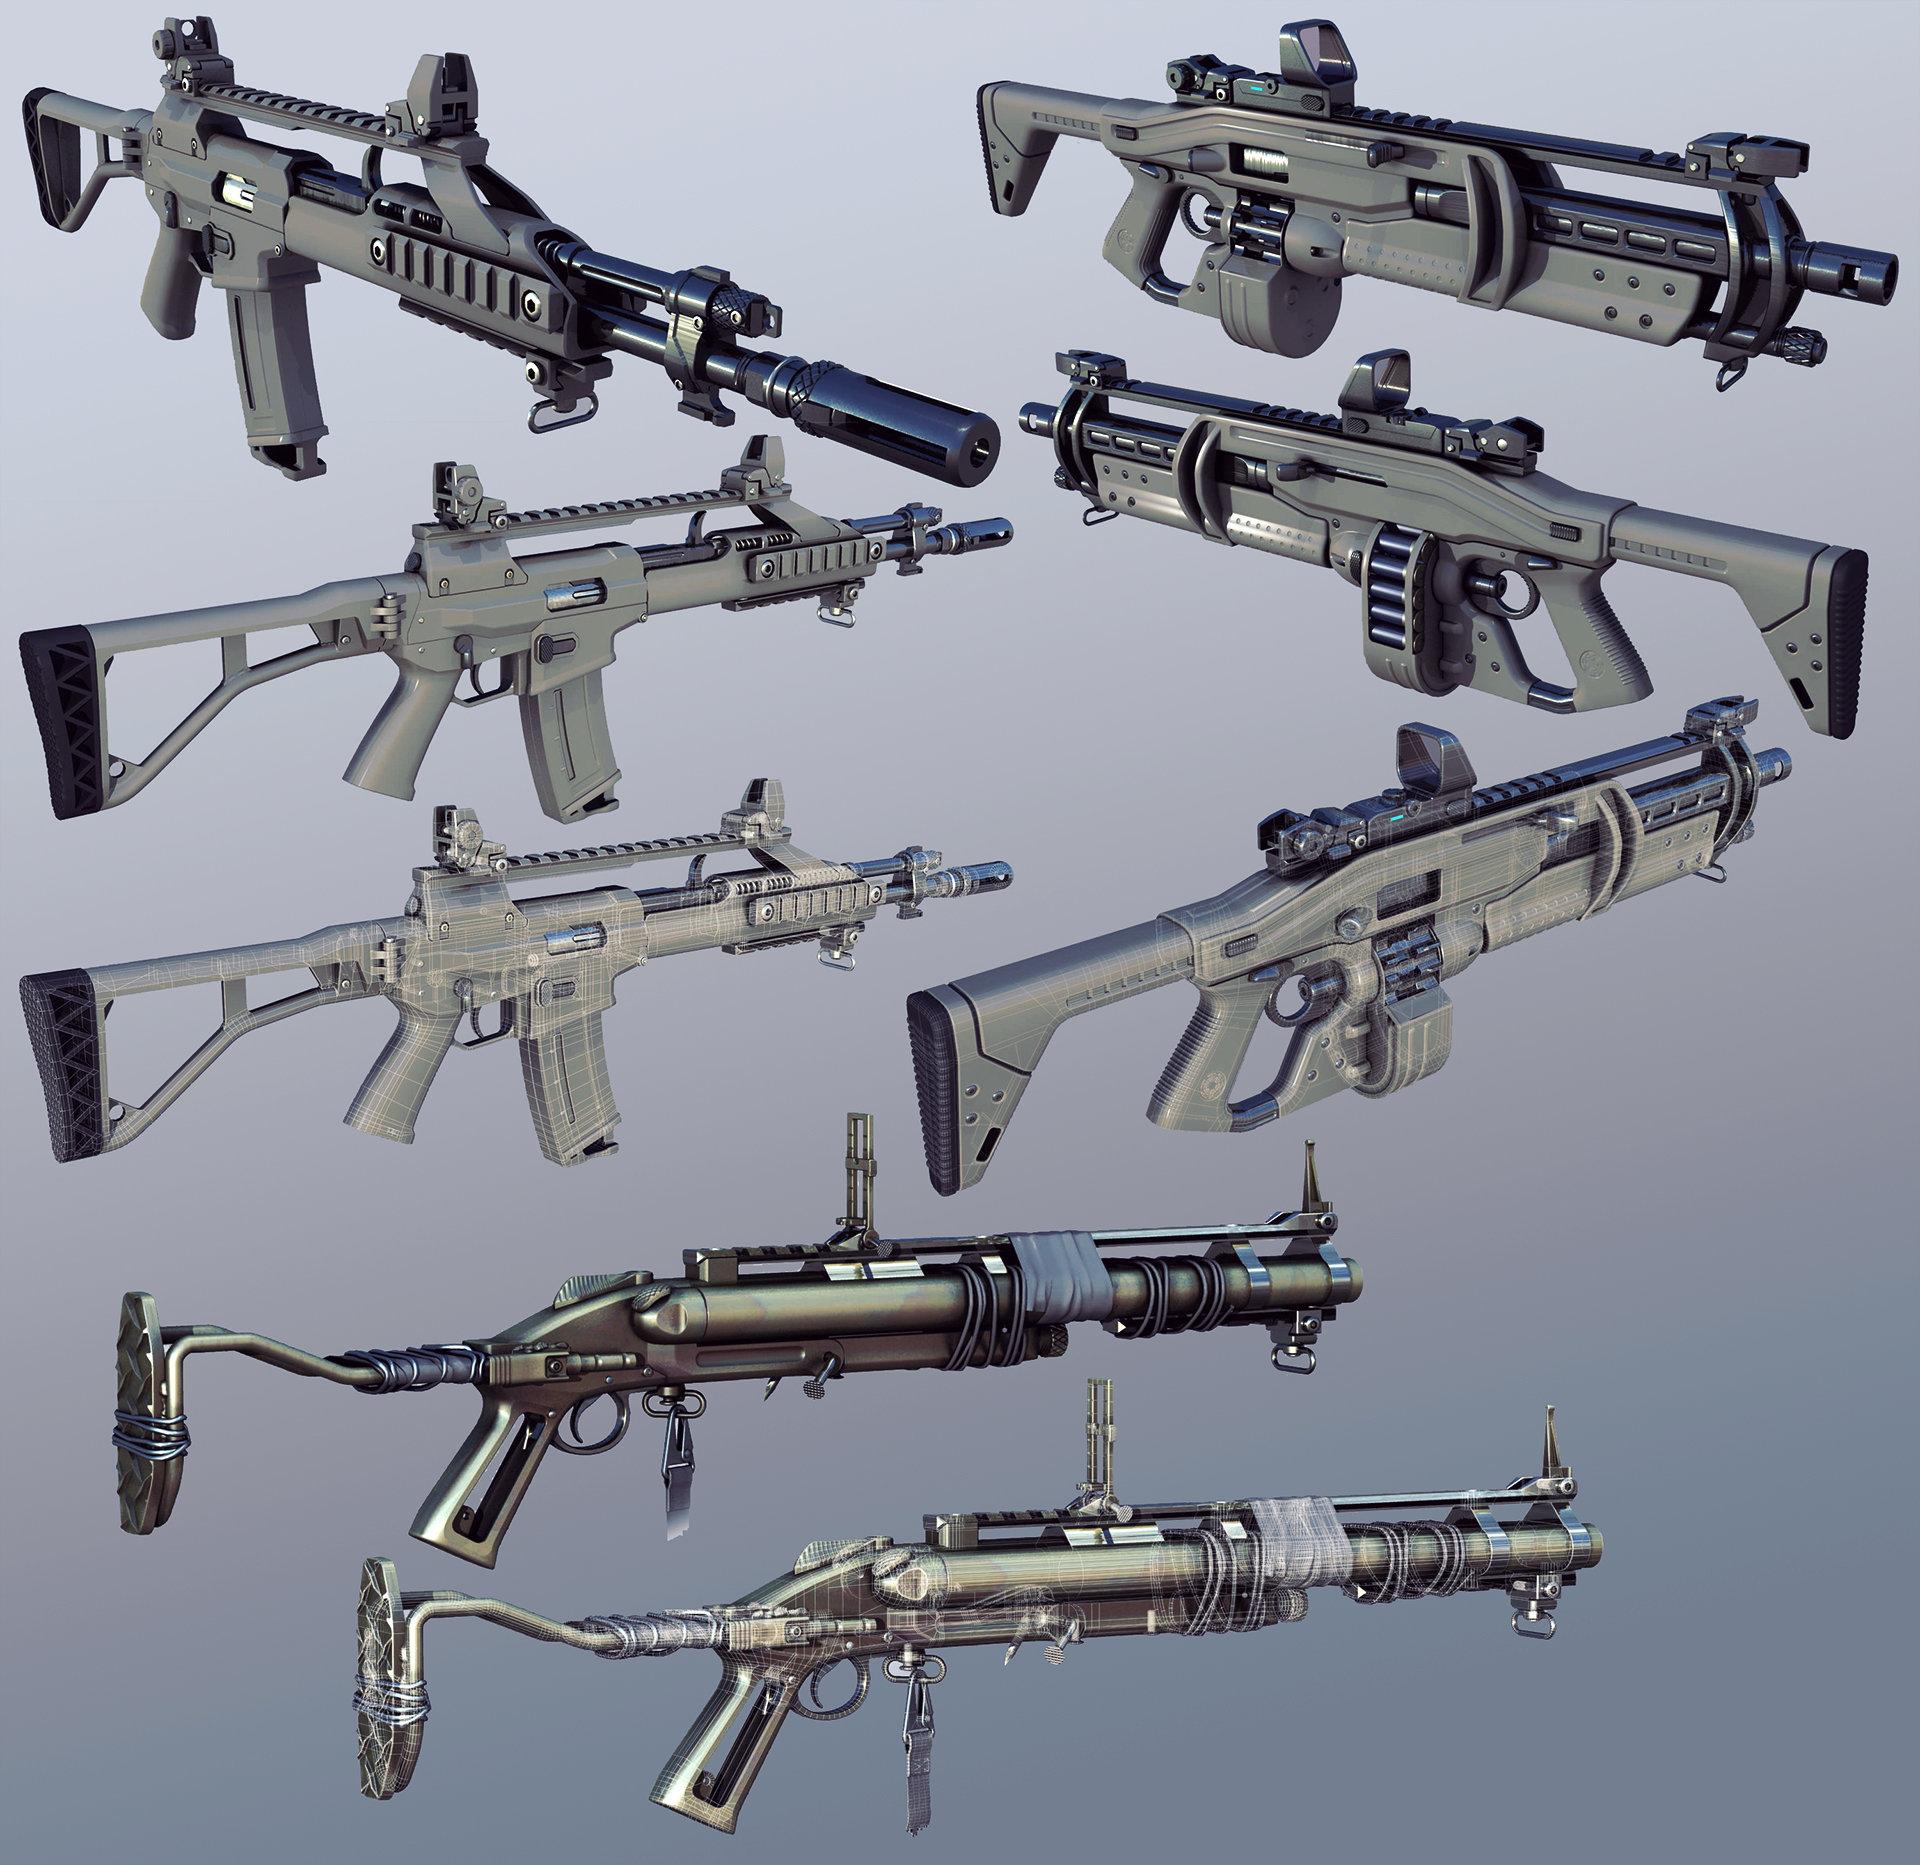 Dmitry popov firearms by jett0 d5ntzio